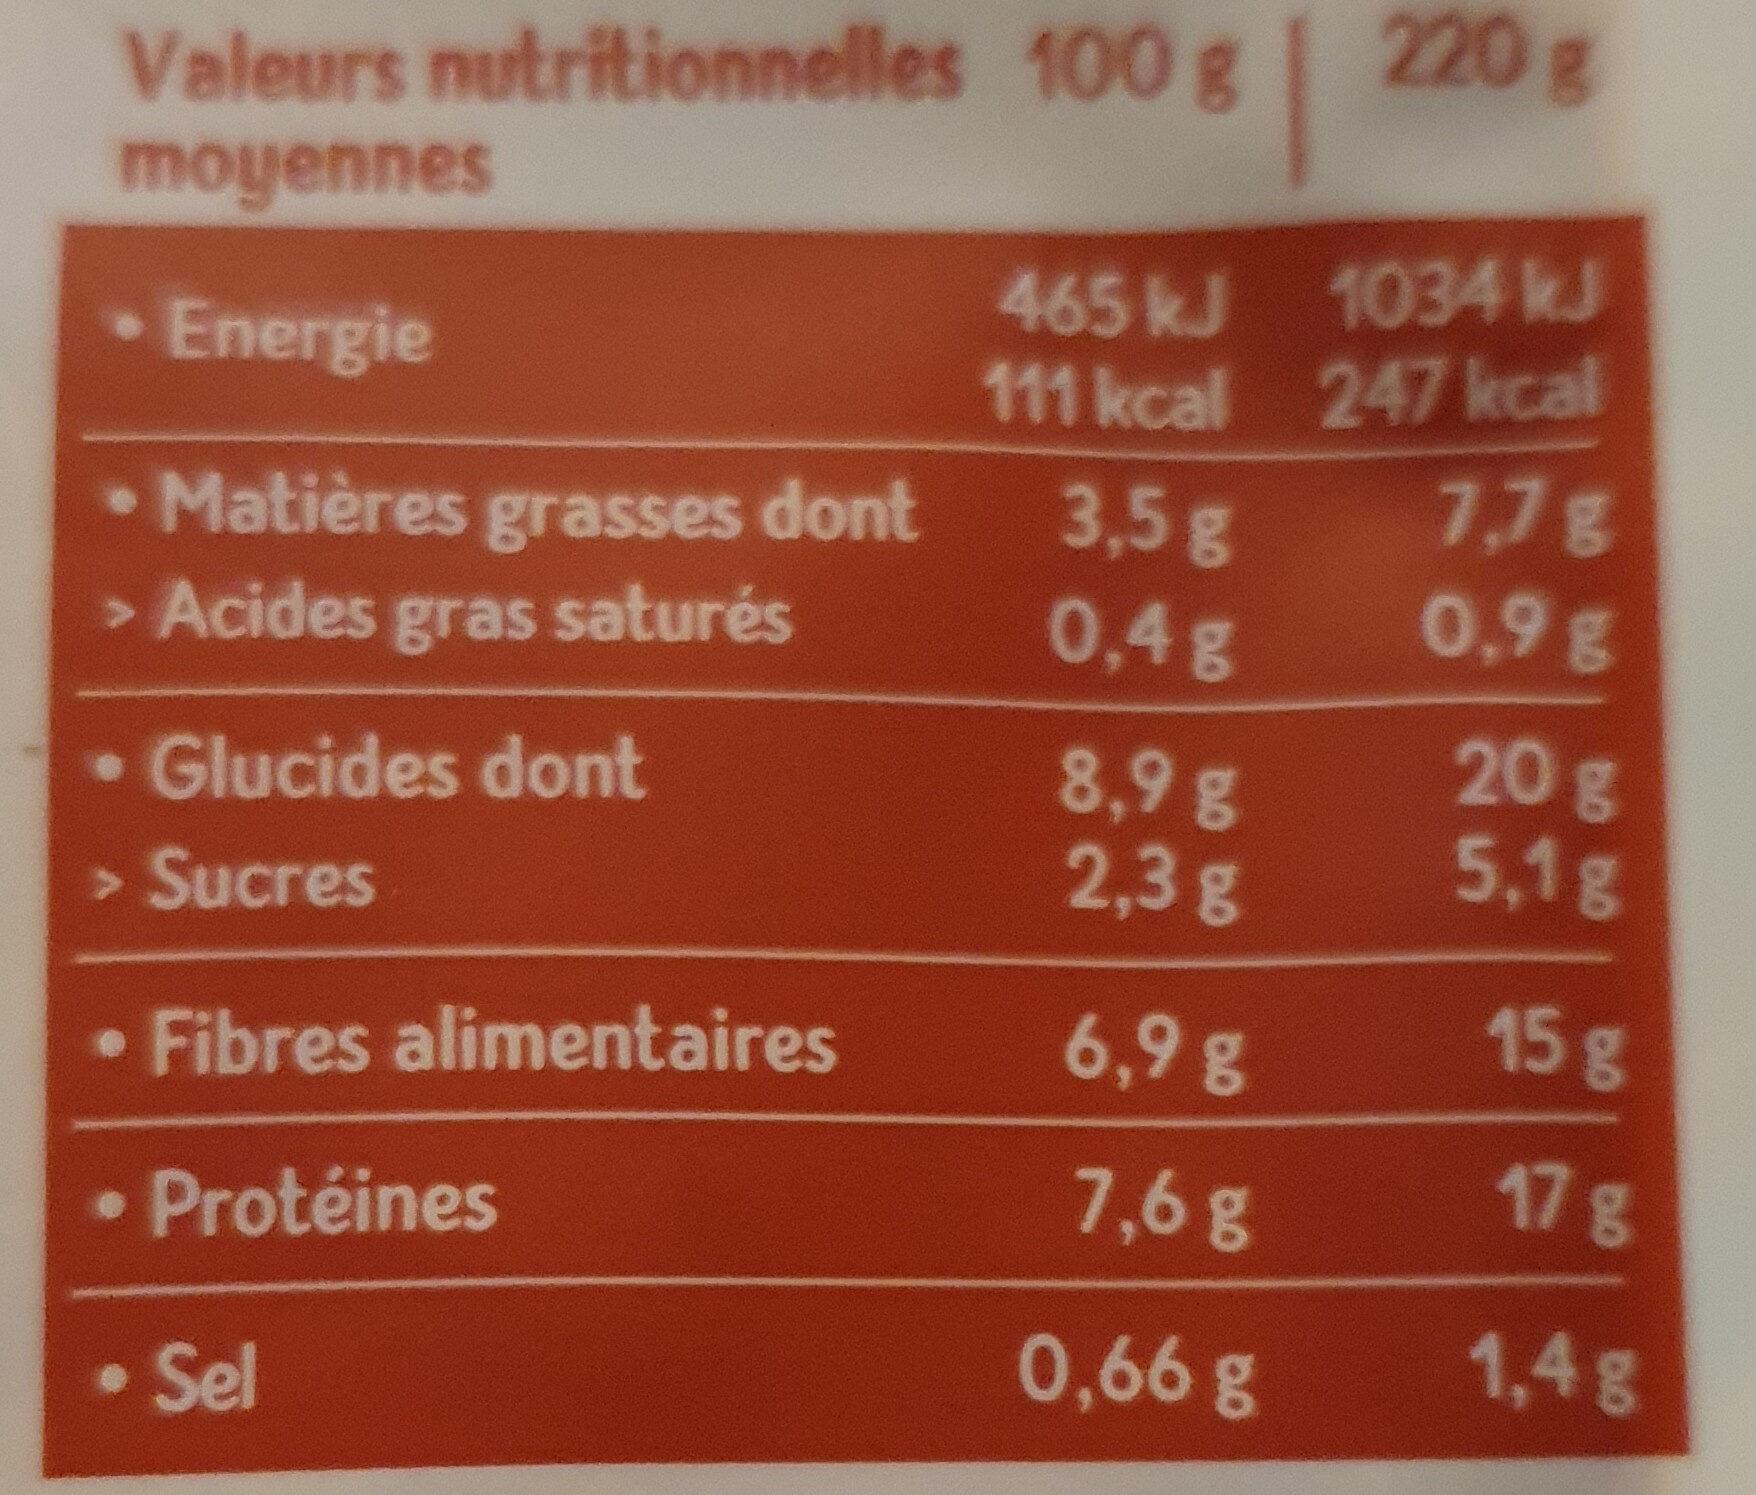 Haricots rouges Blé & Soja façon Chili - Informations nutritionnelles - fr